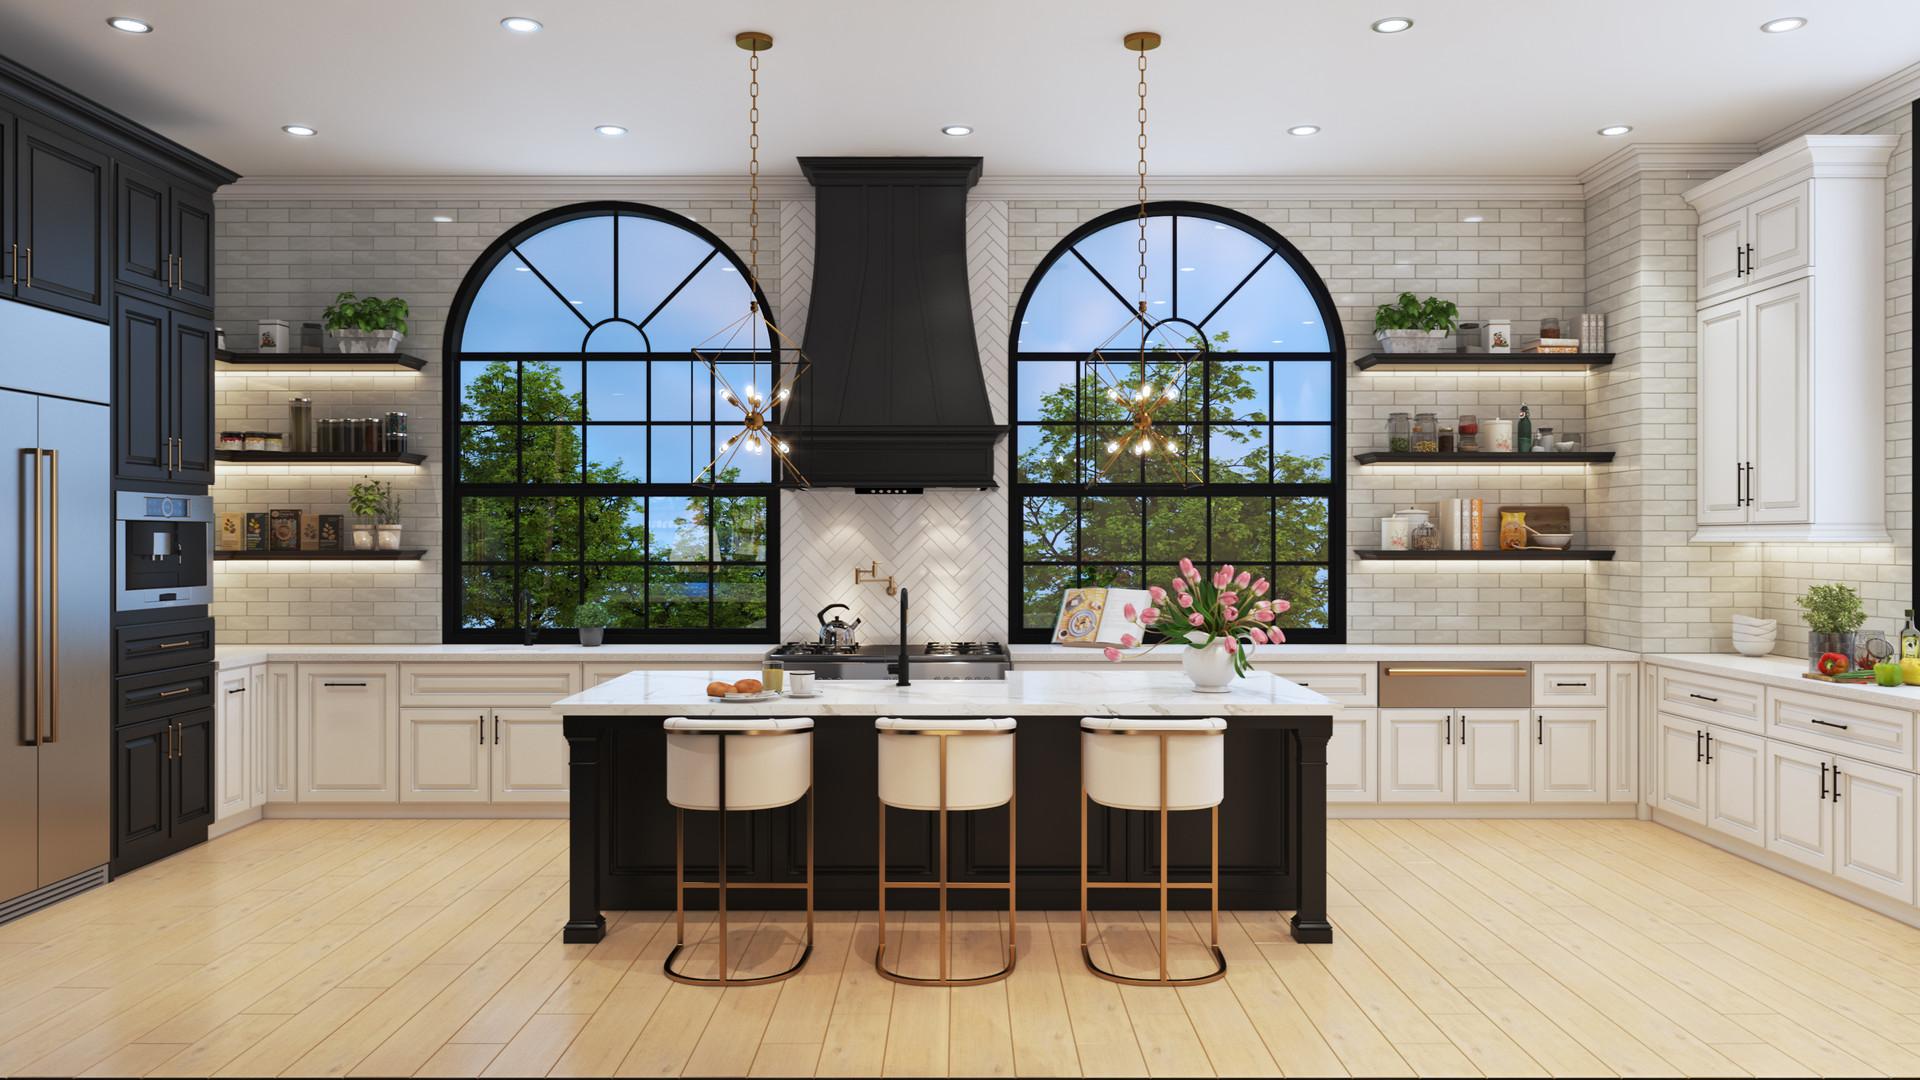 Kitchen View - One